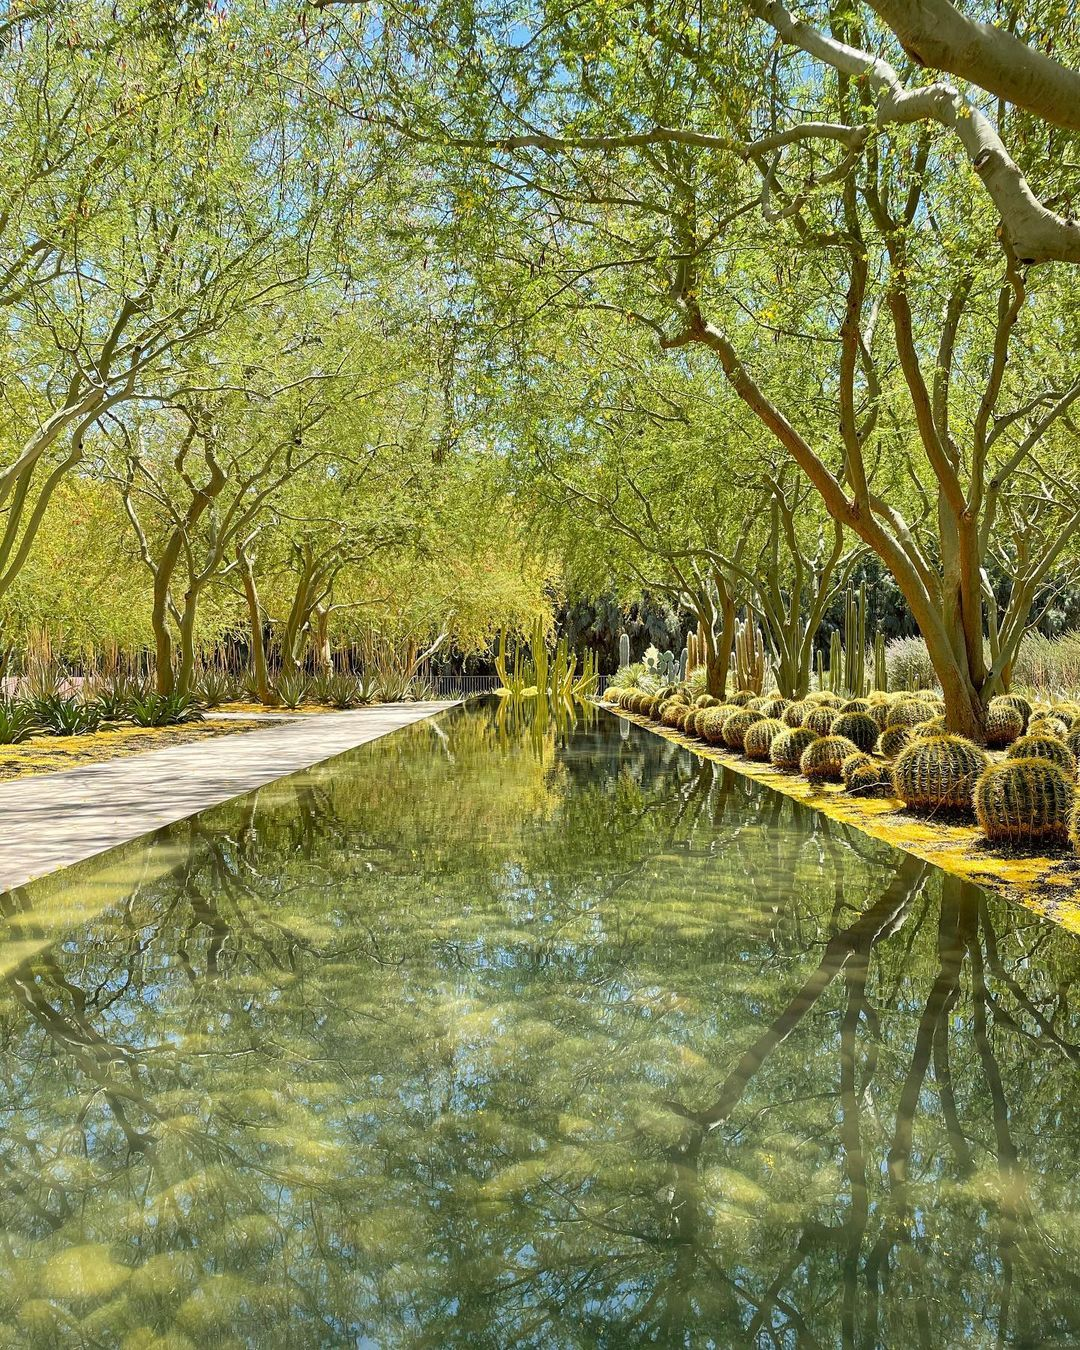 洛杉矶超美绿植园,打卡圣地 图1